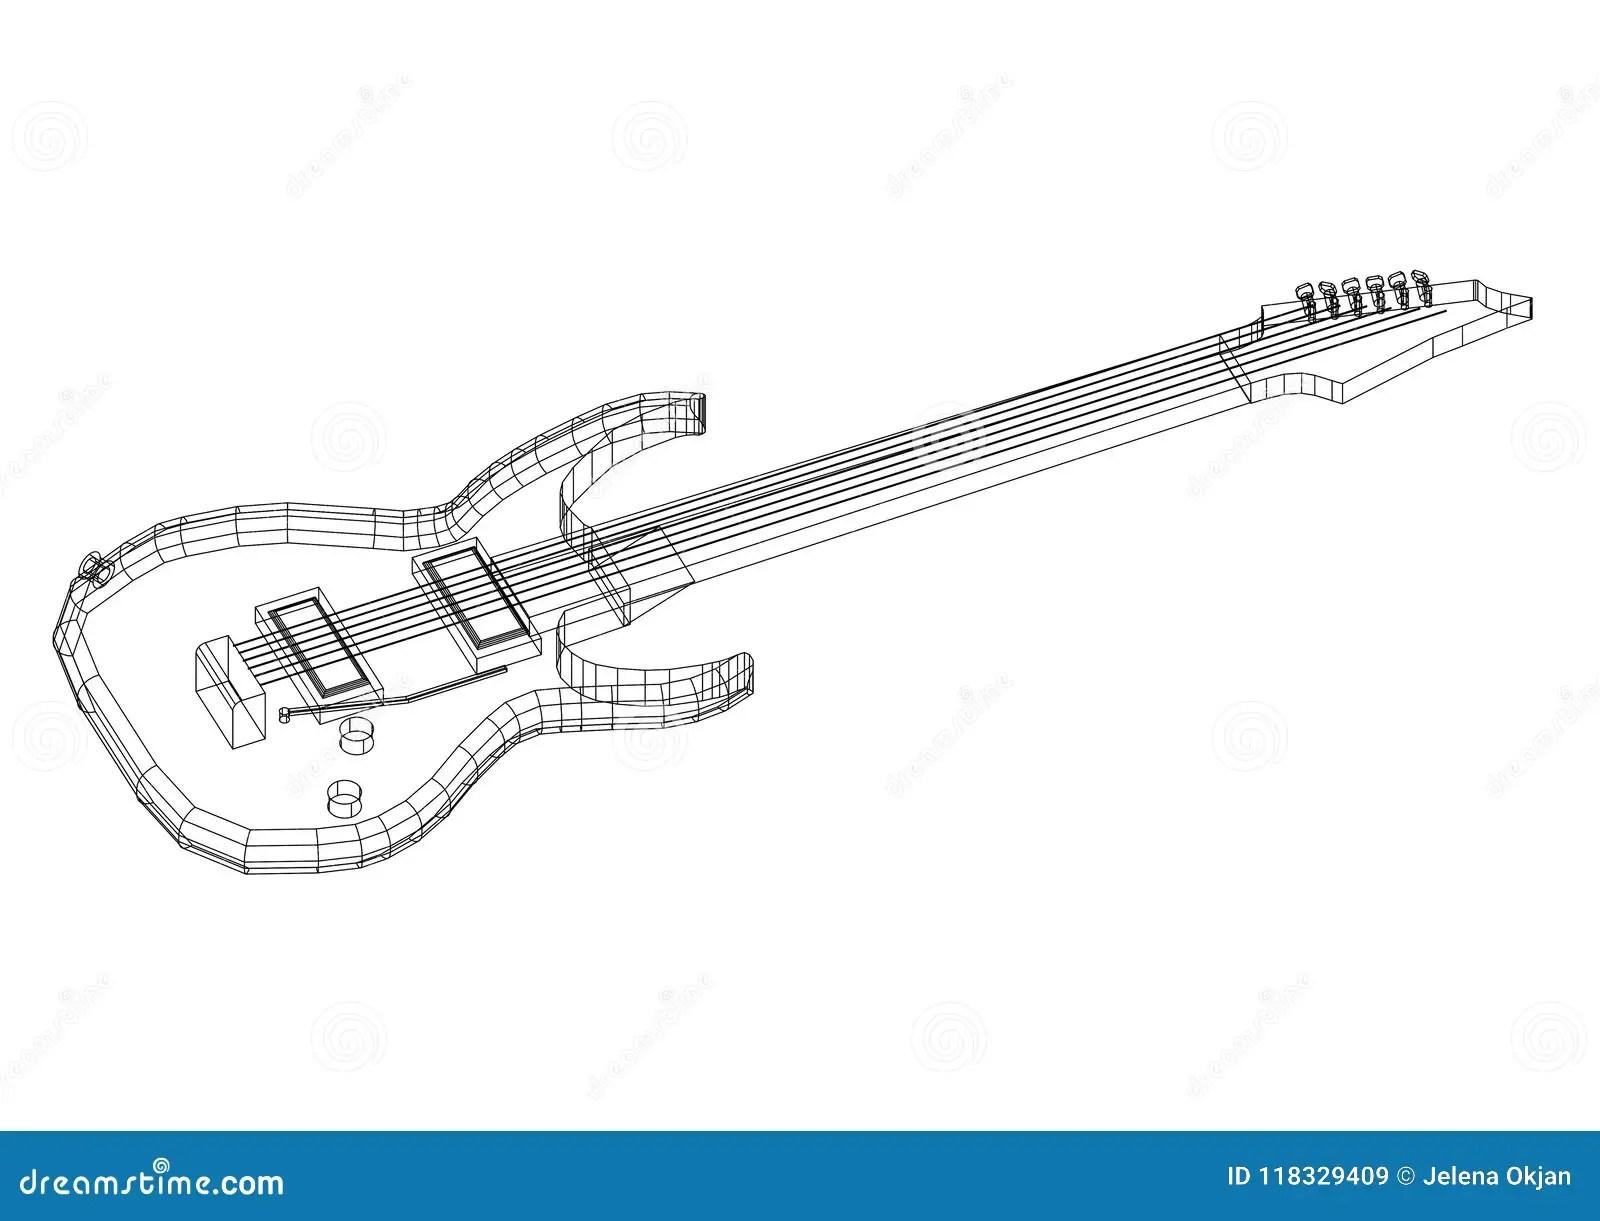 Guitar Blueprint Stock Photos